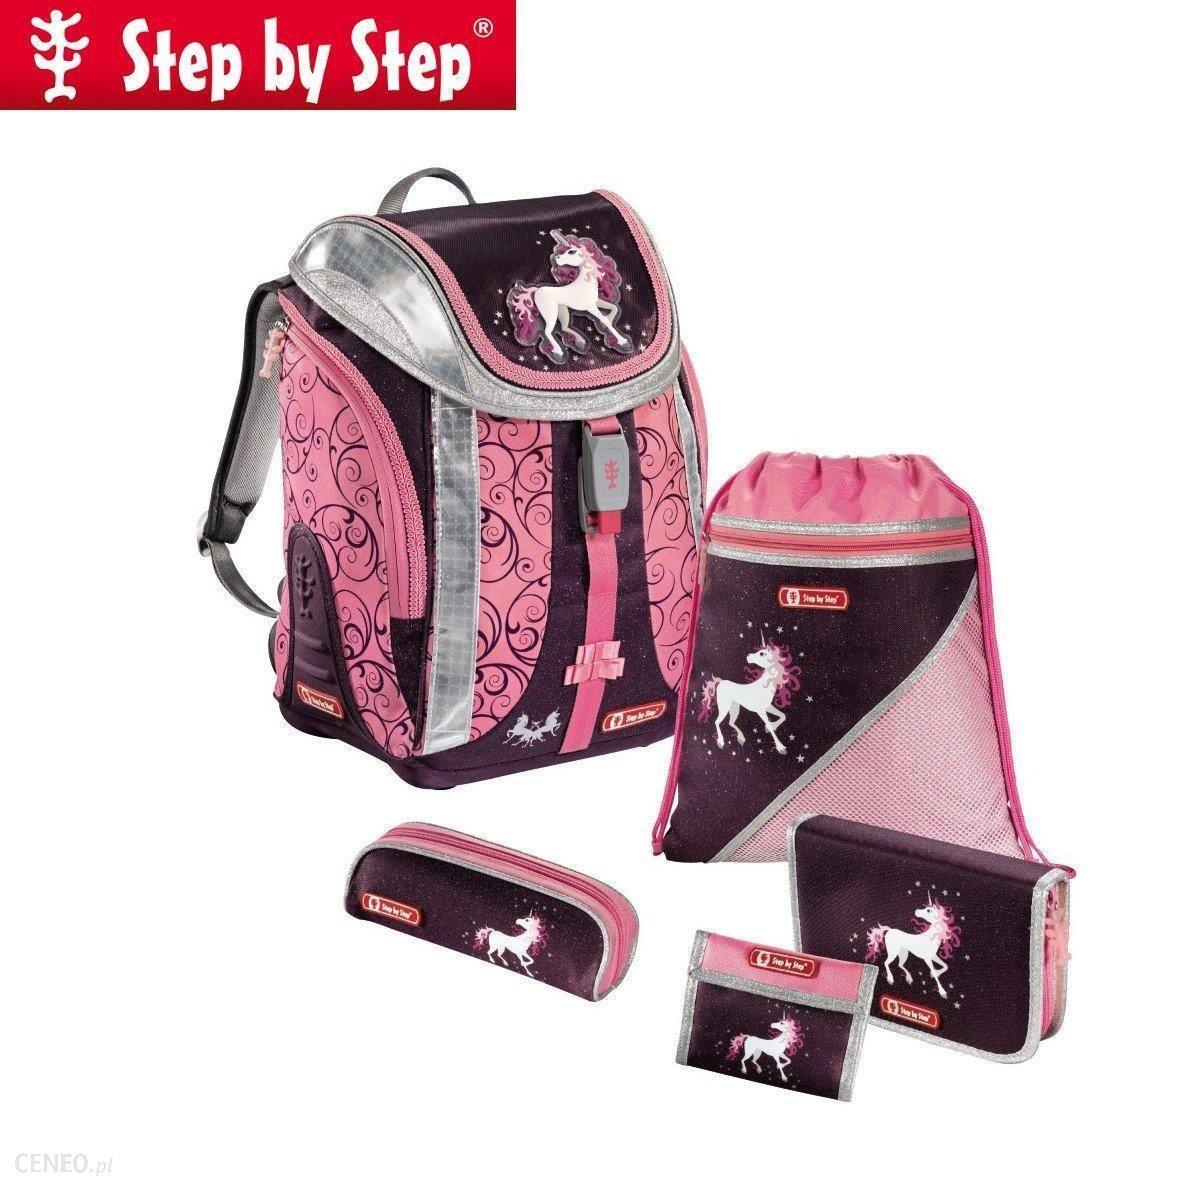 056685cf99e59 Step By Step Flexline Set Szkolny 5 Cz. Unicorn (119706) - Ceny i ...